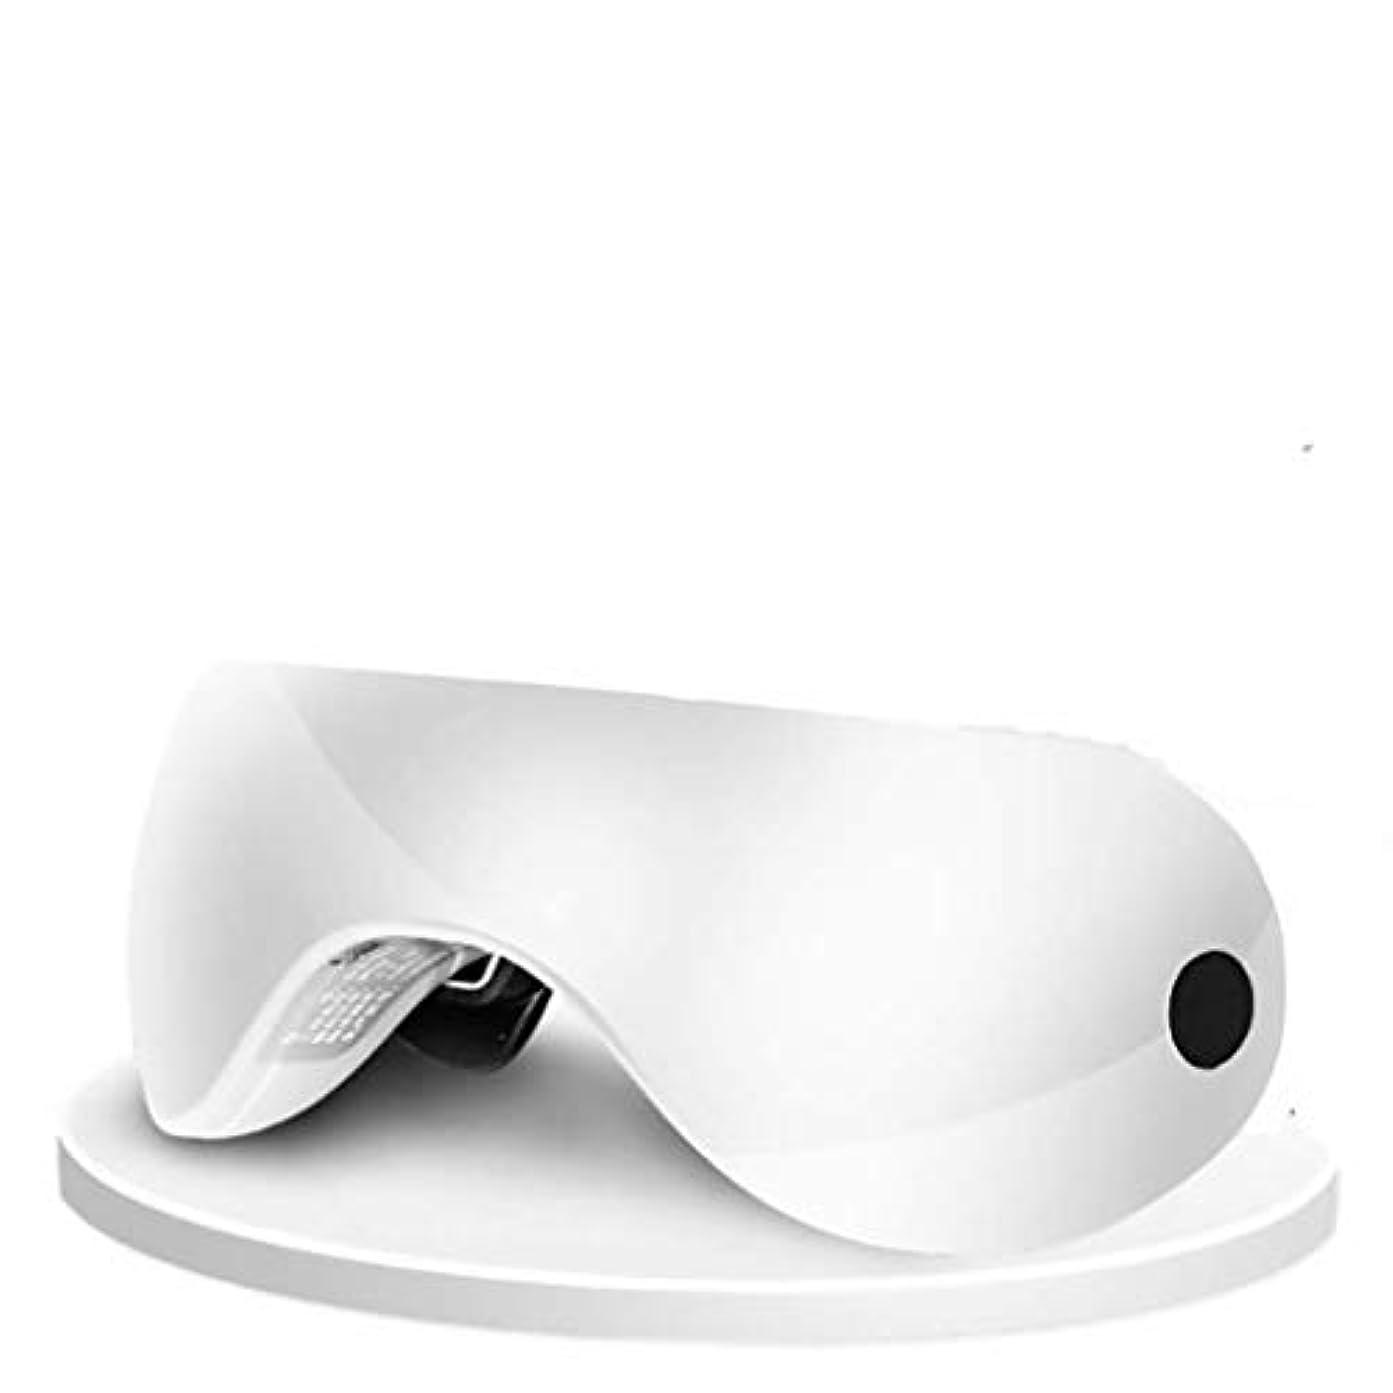 欠陥かけがえのない早熟多機能アイマッサージャー、180°折りたたみ/USB充電モード、気圧/振動/Bluetoothライトミュージック、旅行に便利/通気性、視覚保護デバイス、近視/乱視矯正